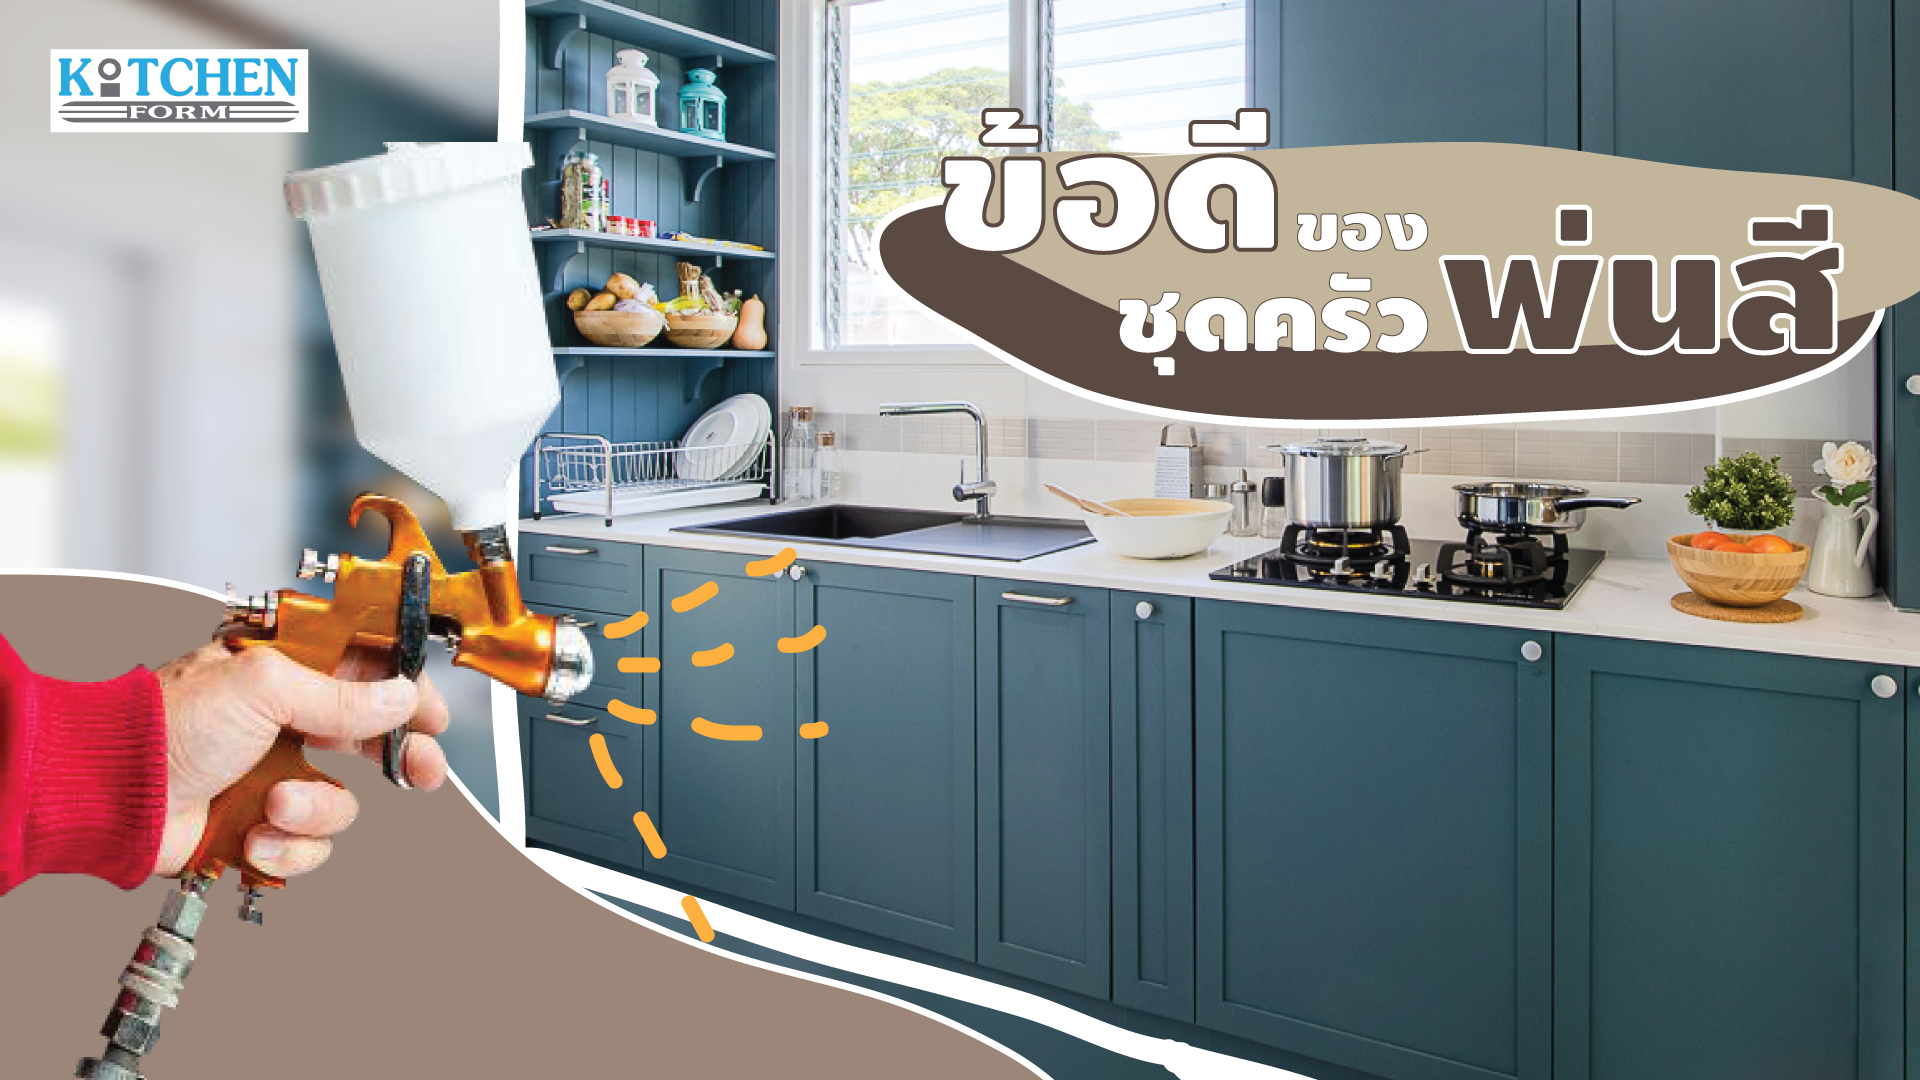 ข้อดีของชุดครัวพ่นสี, ชุดครัว, พ่นสี, ครัวพ่นสี, สีภายนอกชุดครัว, สีพ่นชุดครัว,